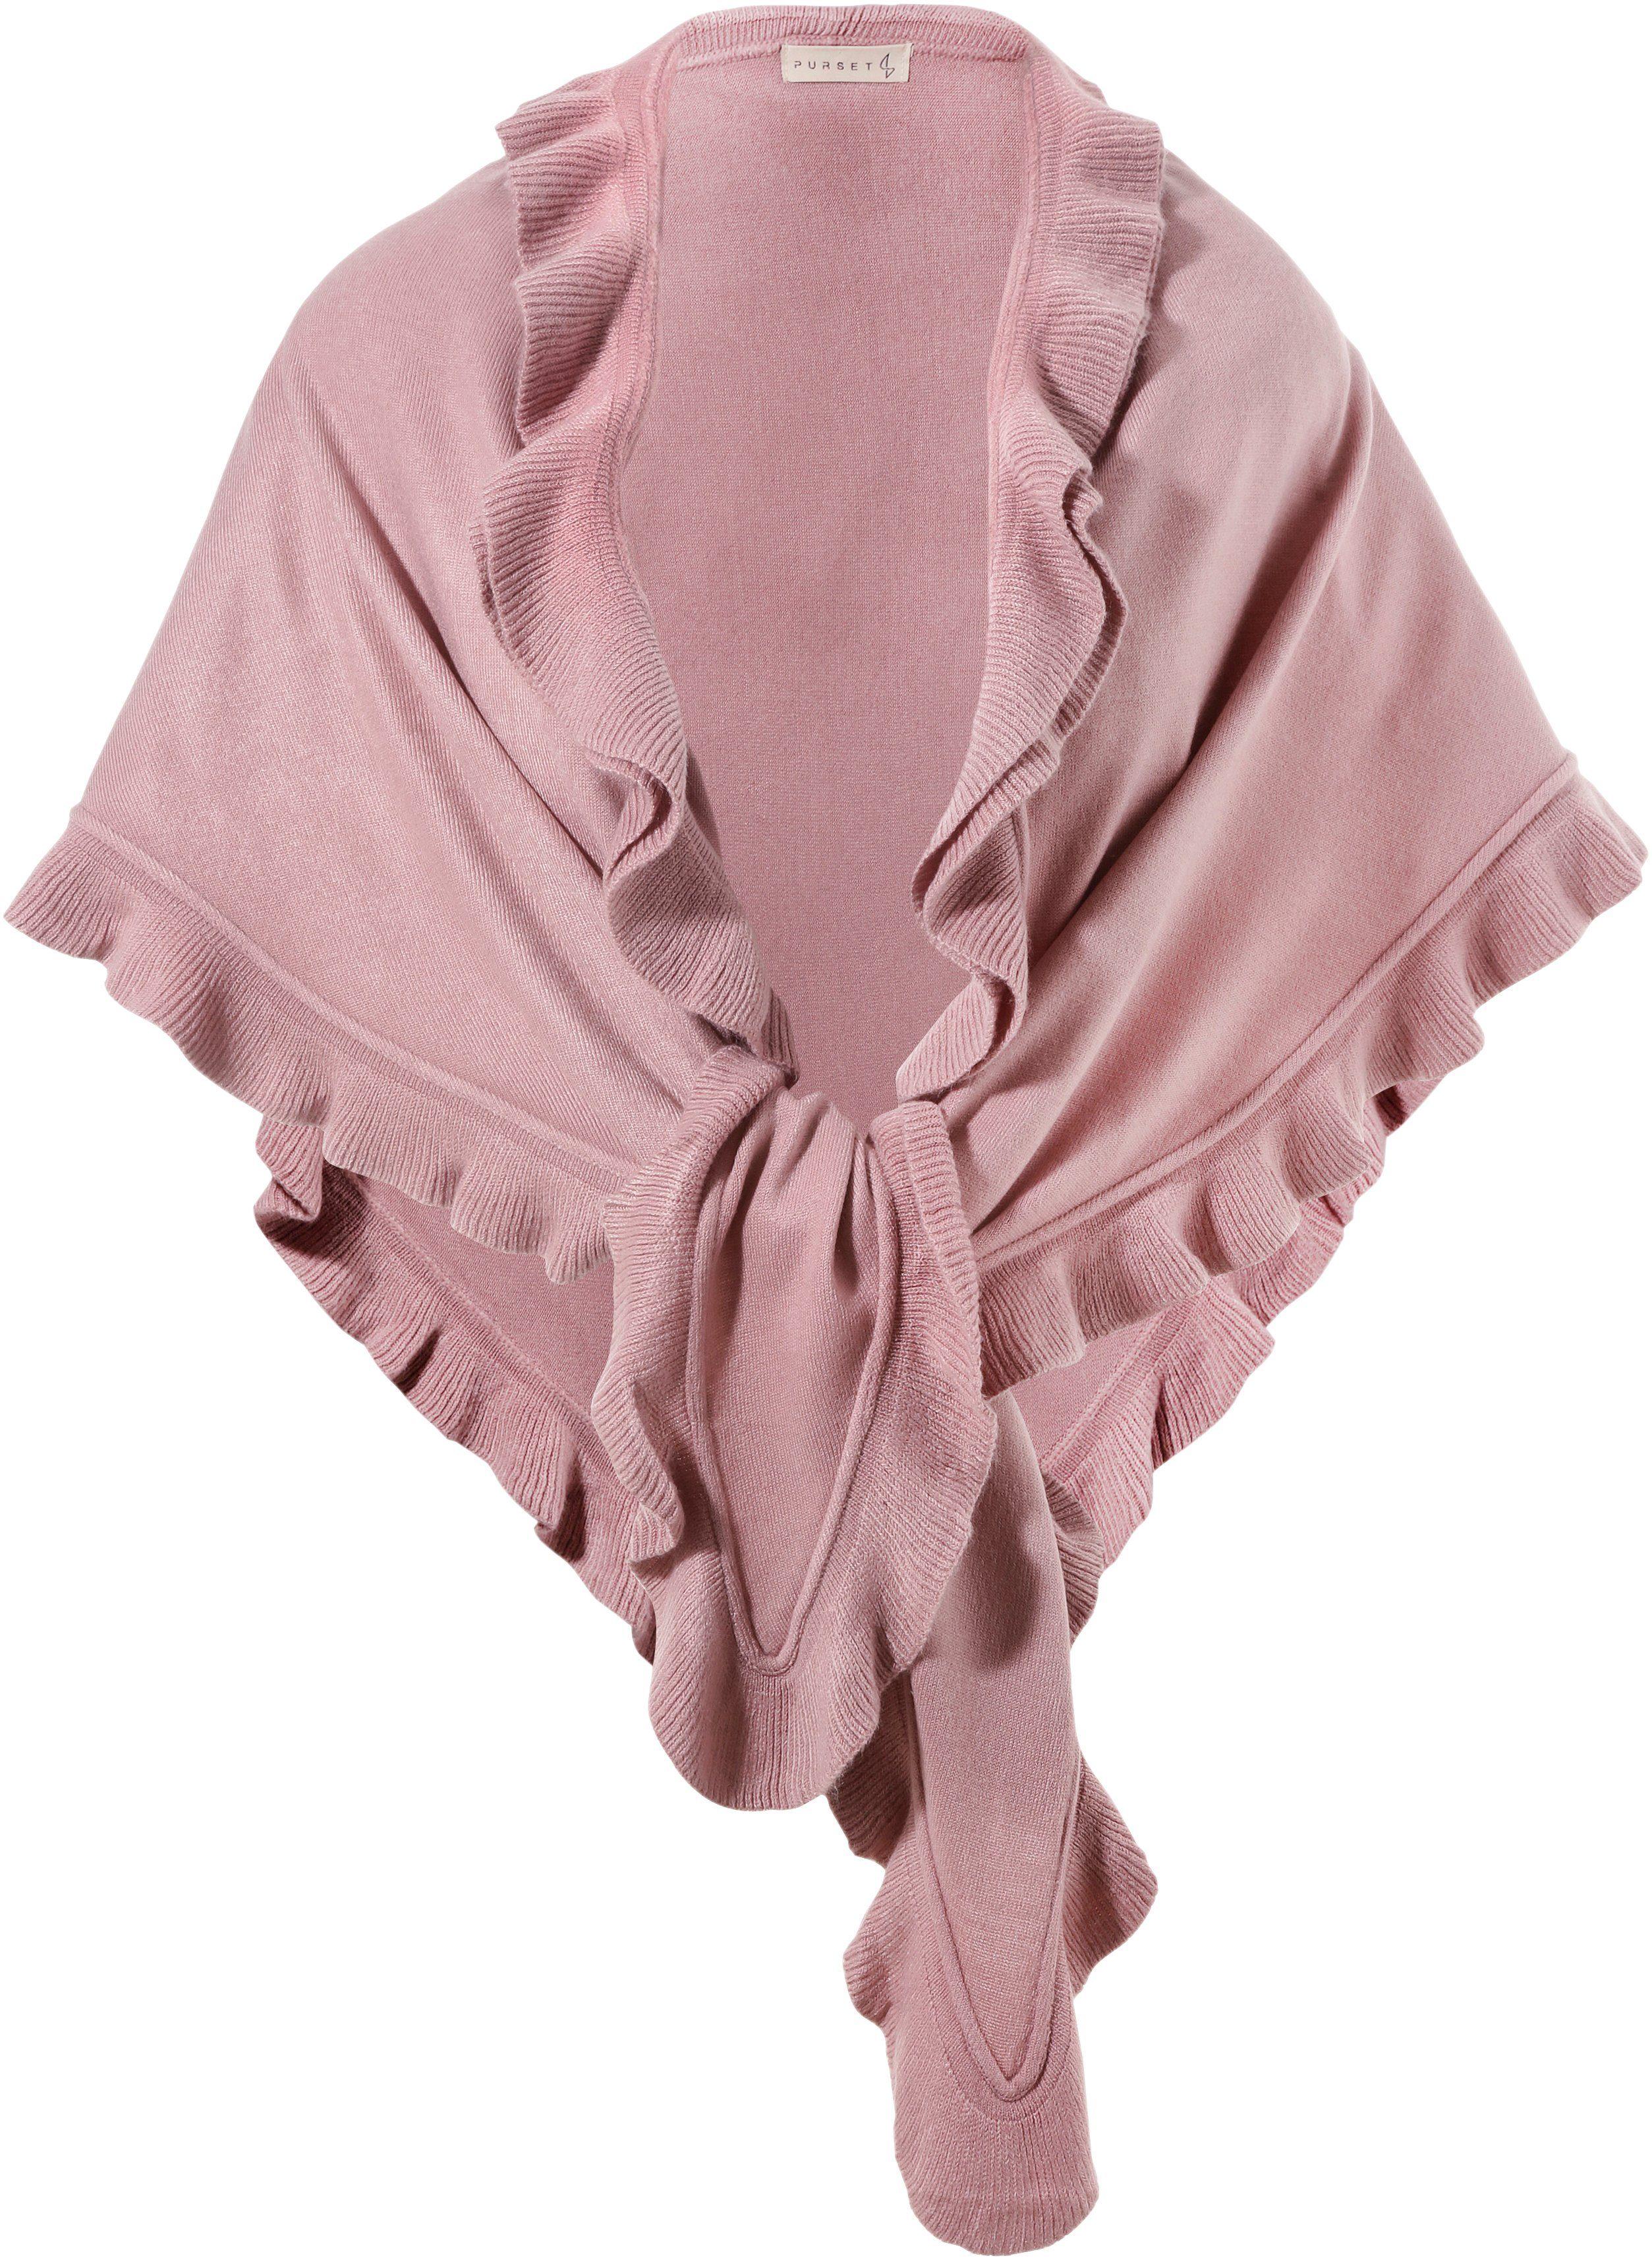 PURSET Schal, Trachtenponcho mit Rüschen günstig online kaufen